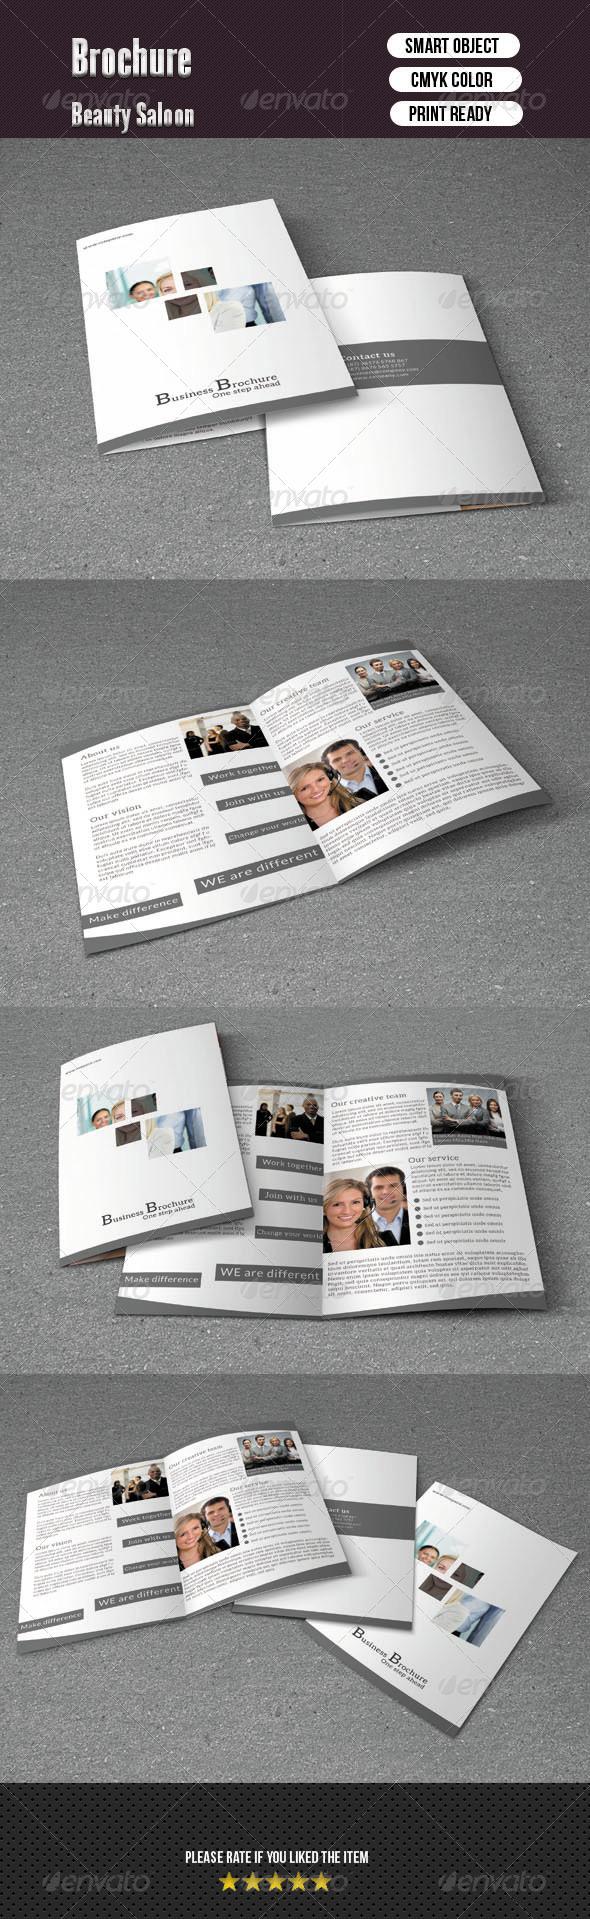 GraphicRiver Corporate Brochure 6819345